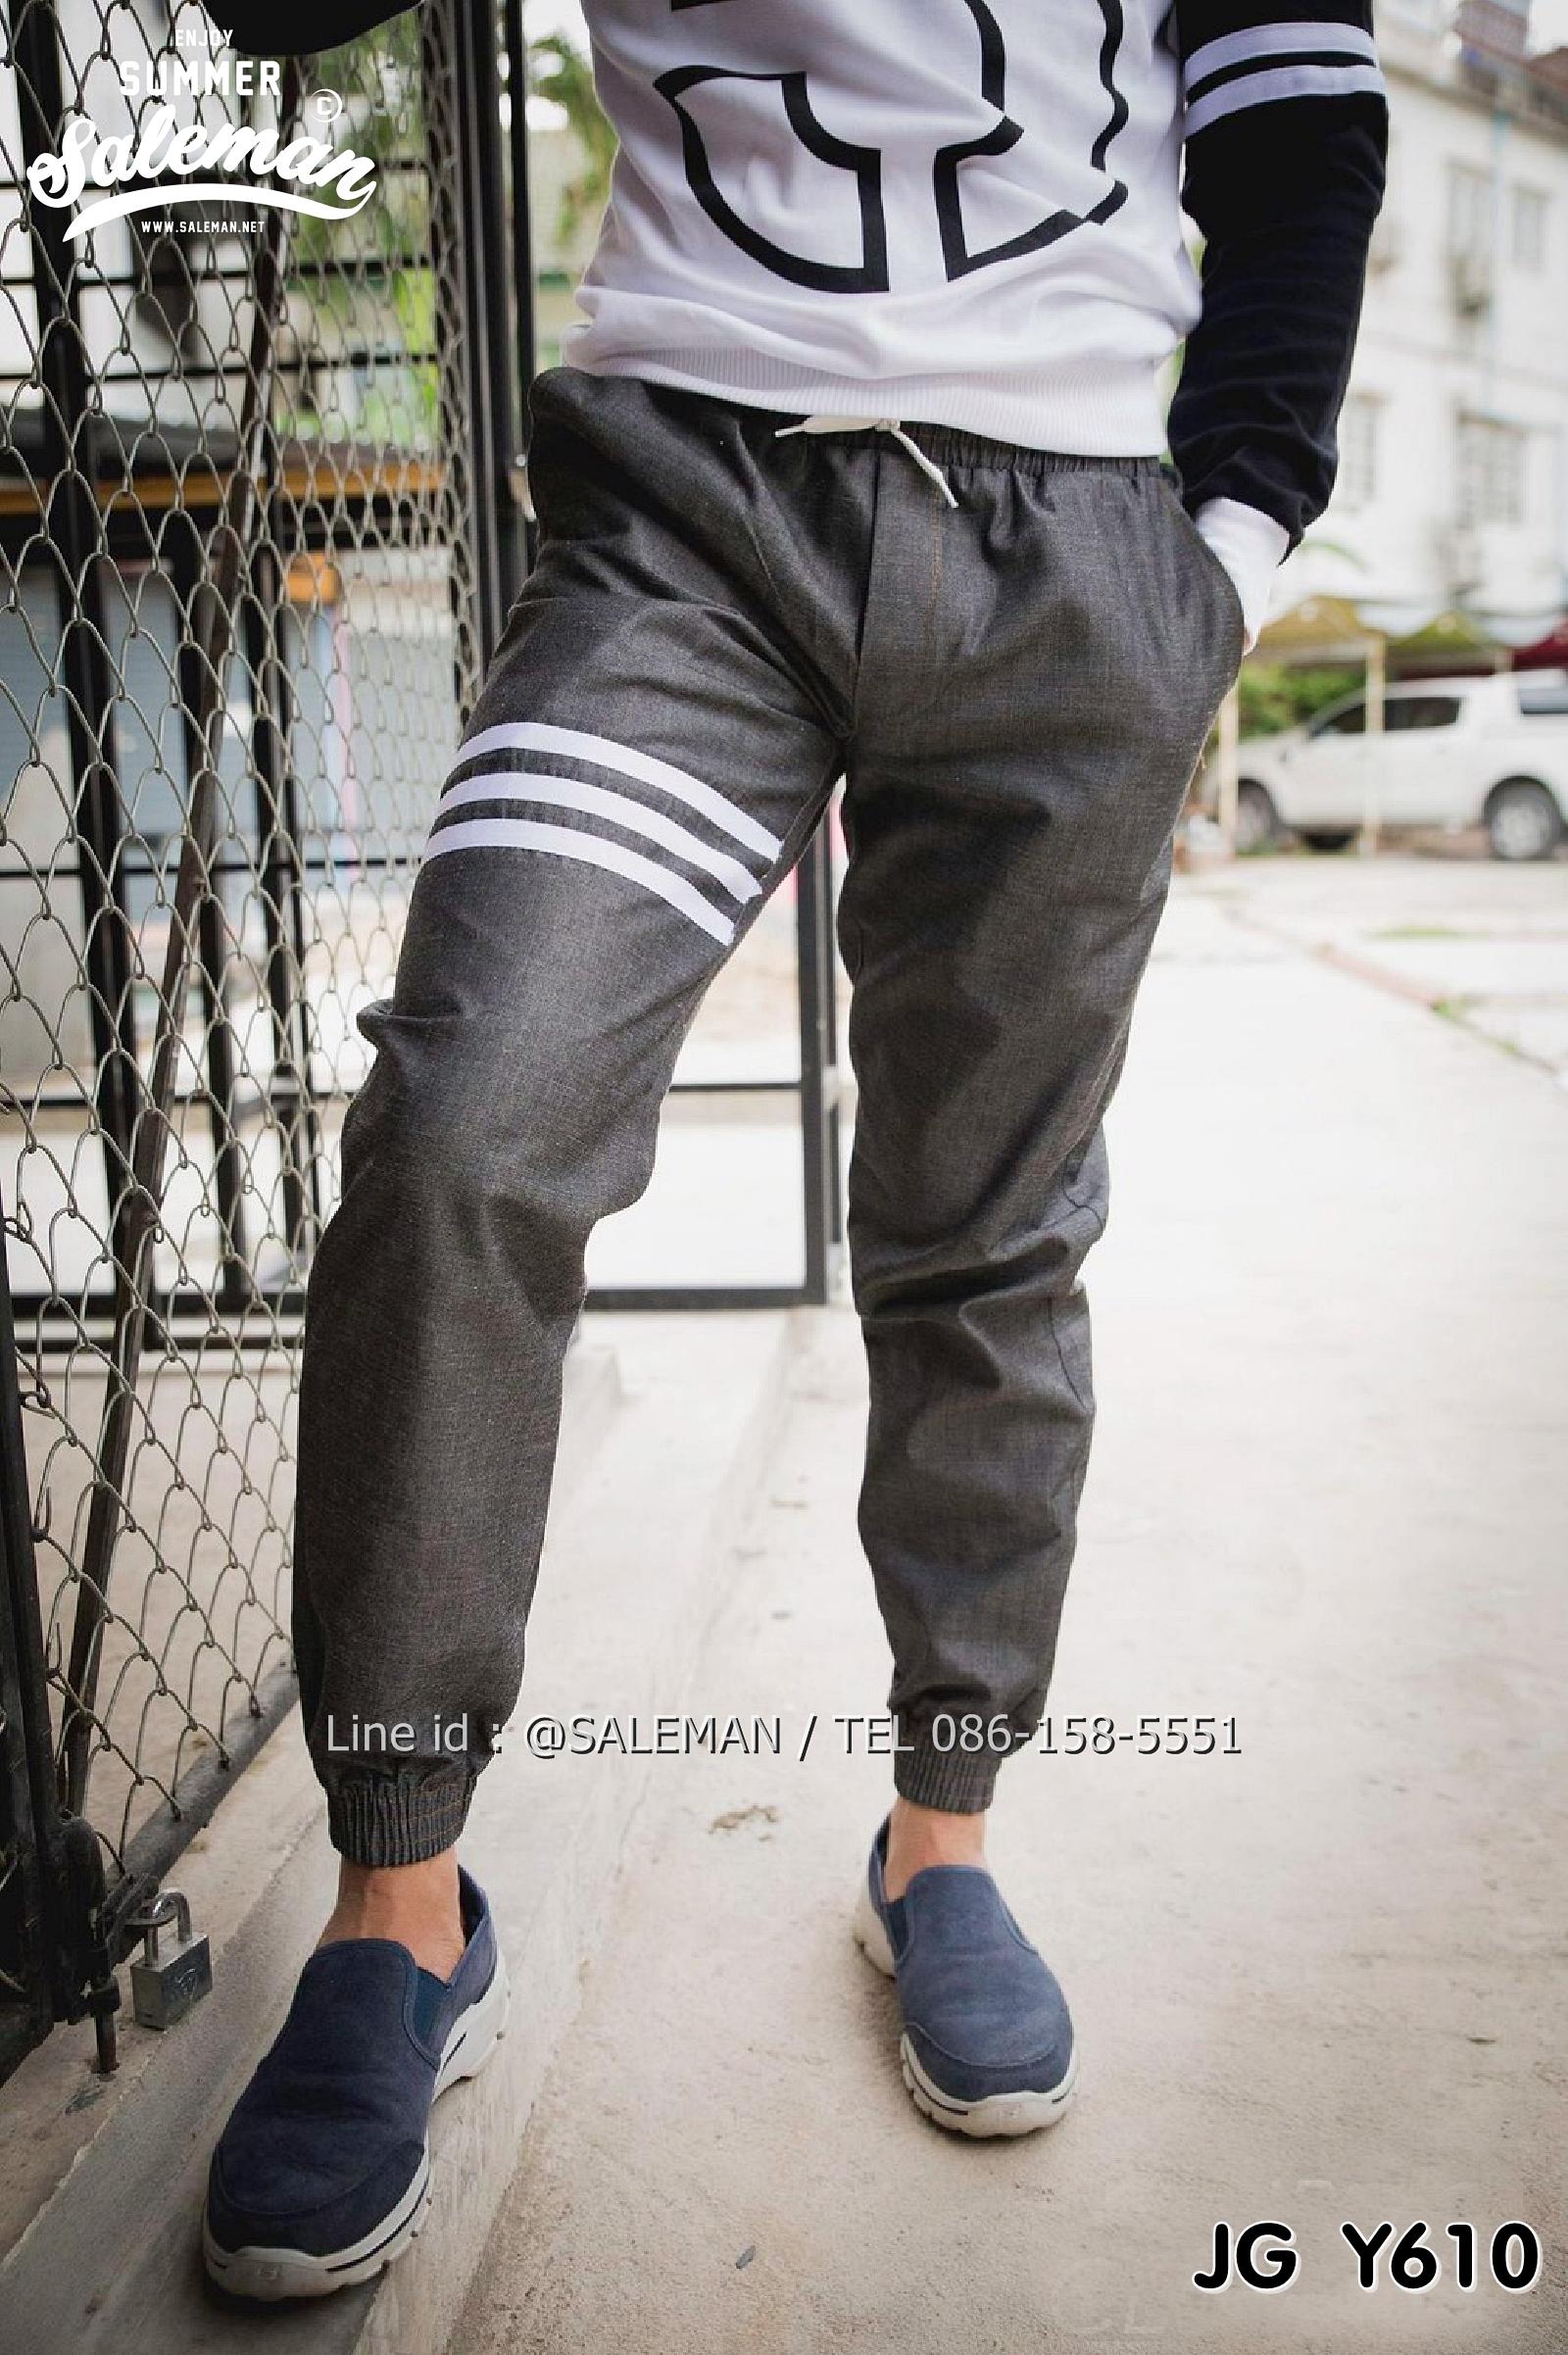 กางเกง jogger ขาจั๊มยีนส์ JG Y 610 ยีนส์เทาดำ